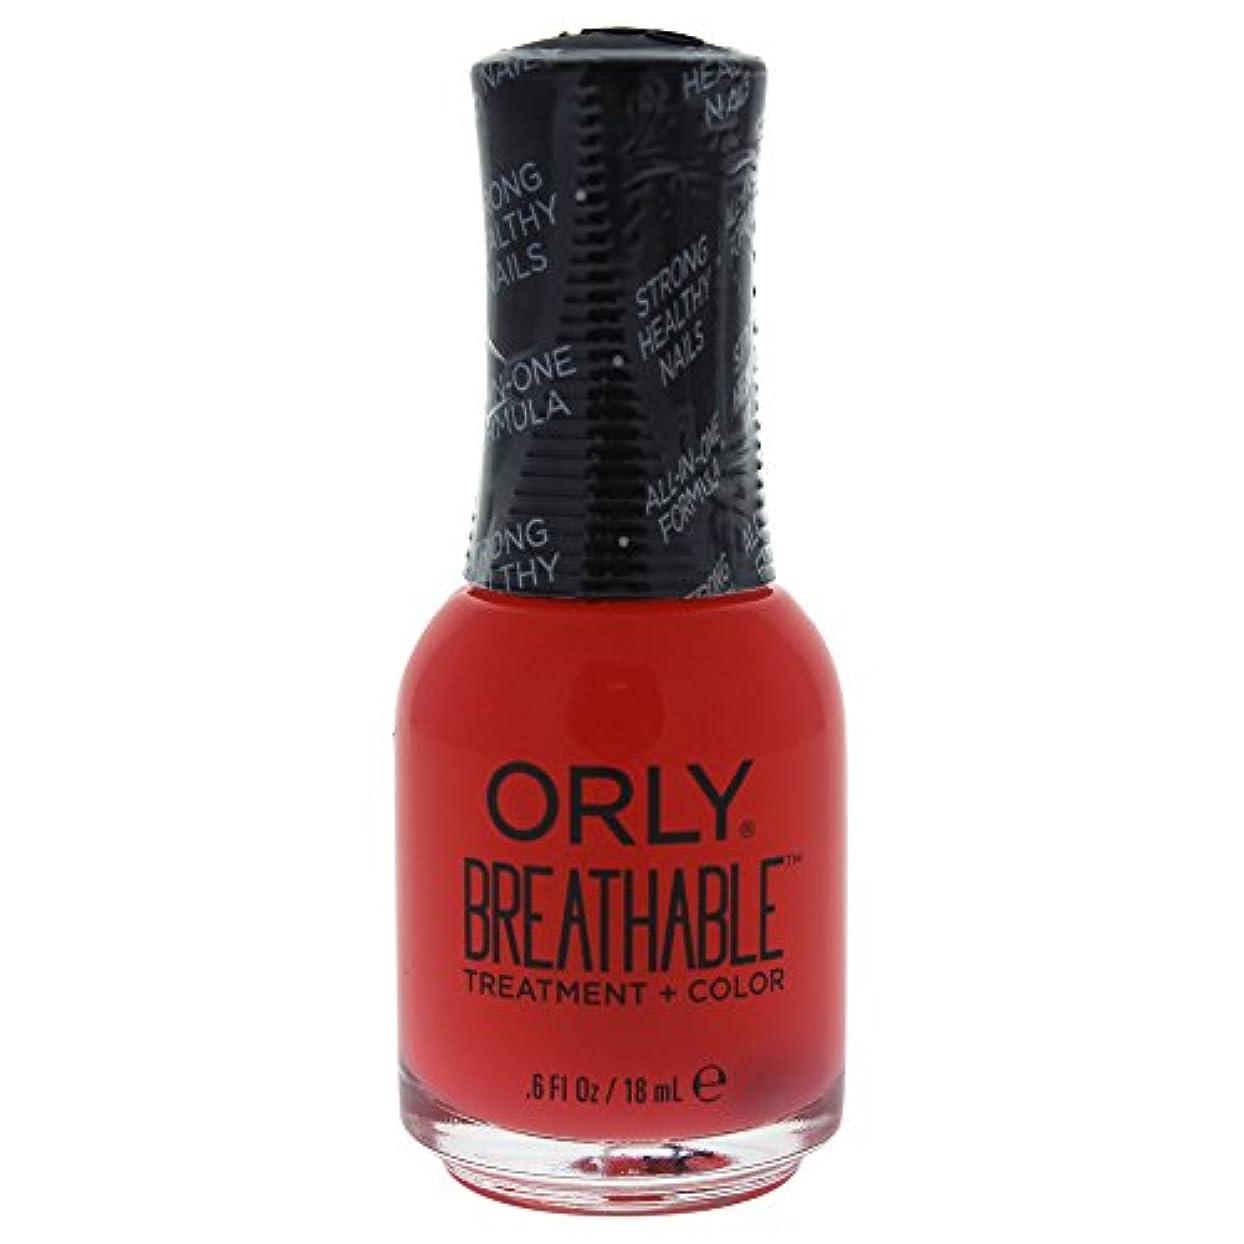 速度幻滅する肝Orly Breathable Treatment + Color Nail Lacquer - Sweet Serenity - 0.6oz / 18ml